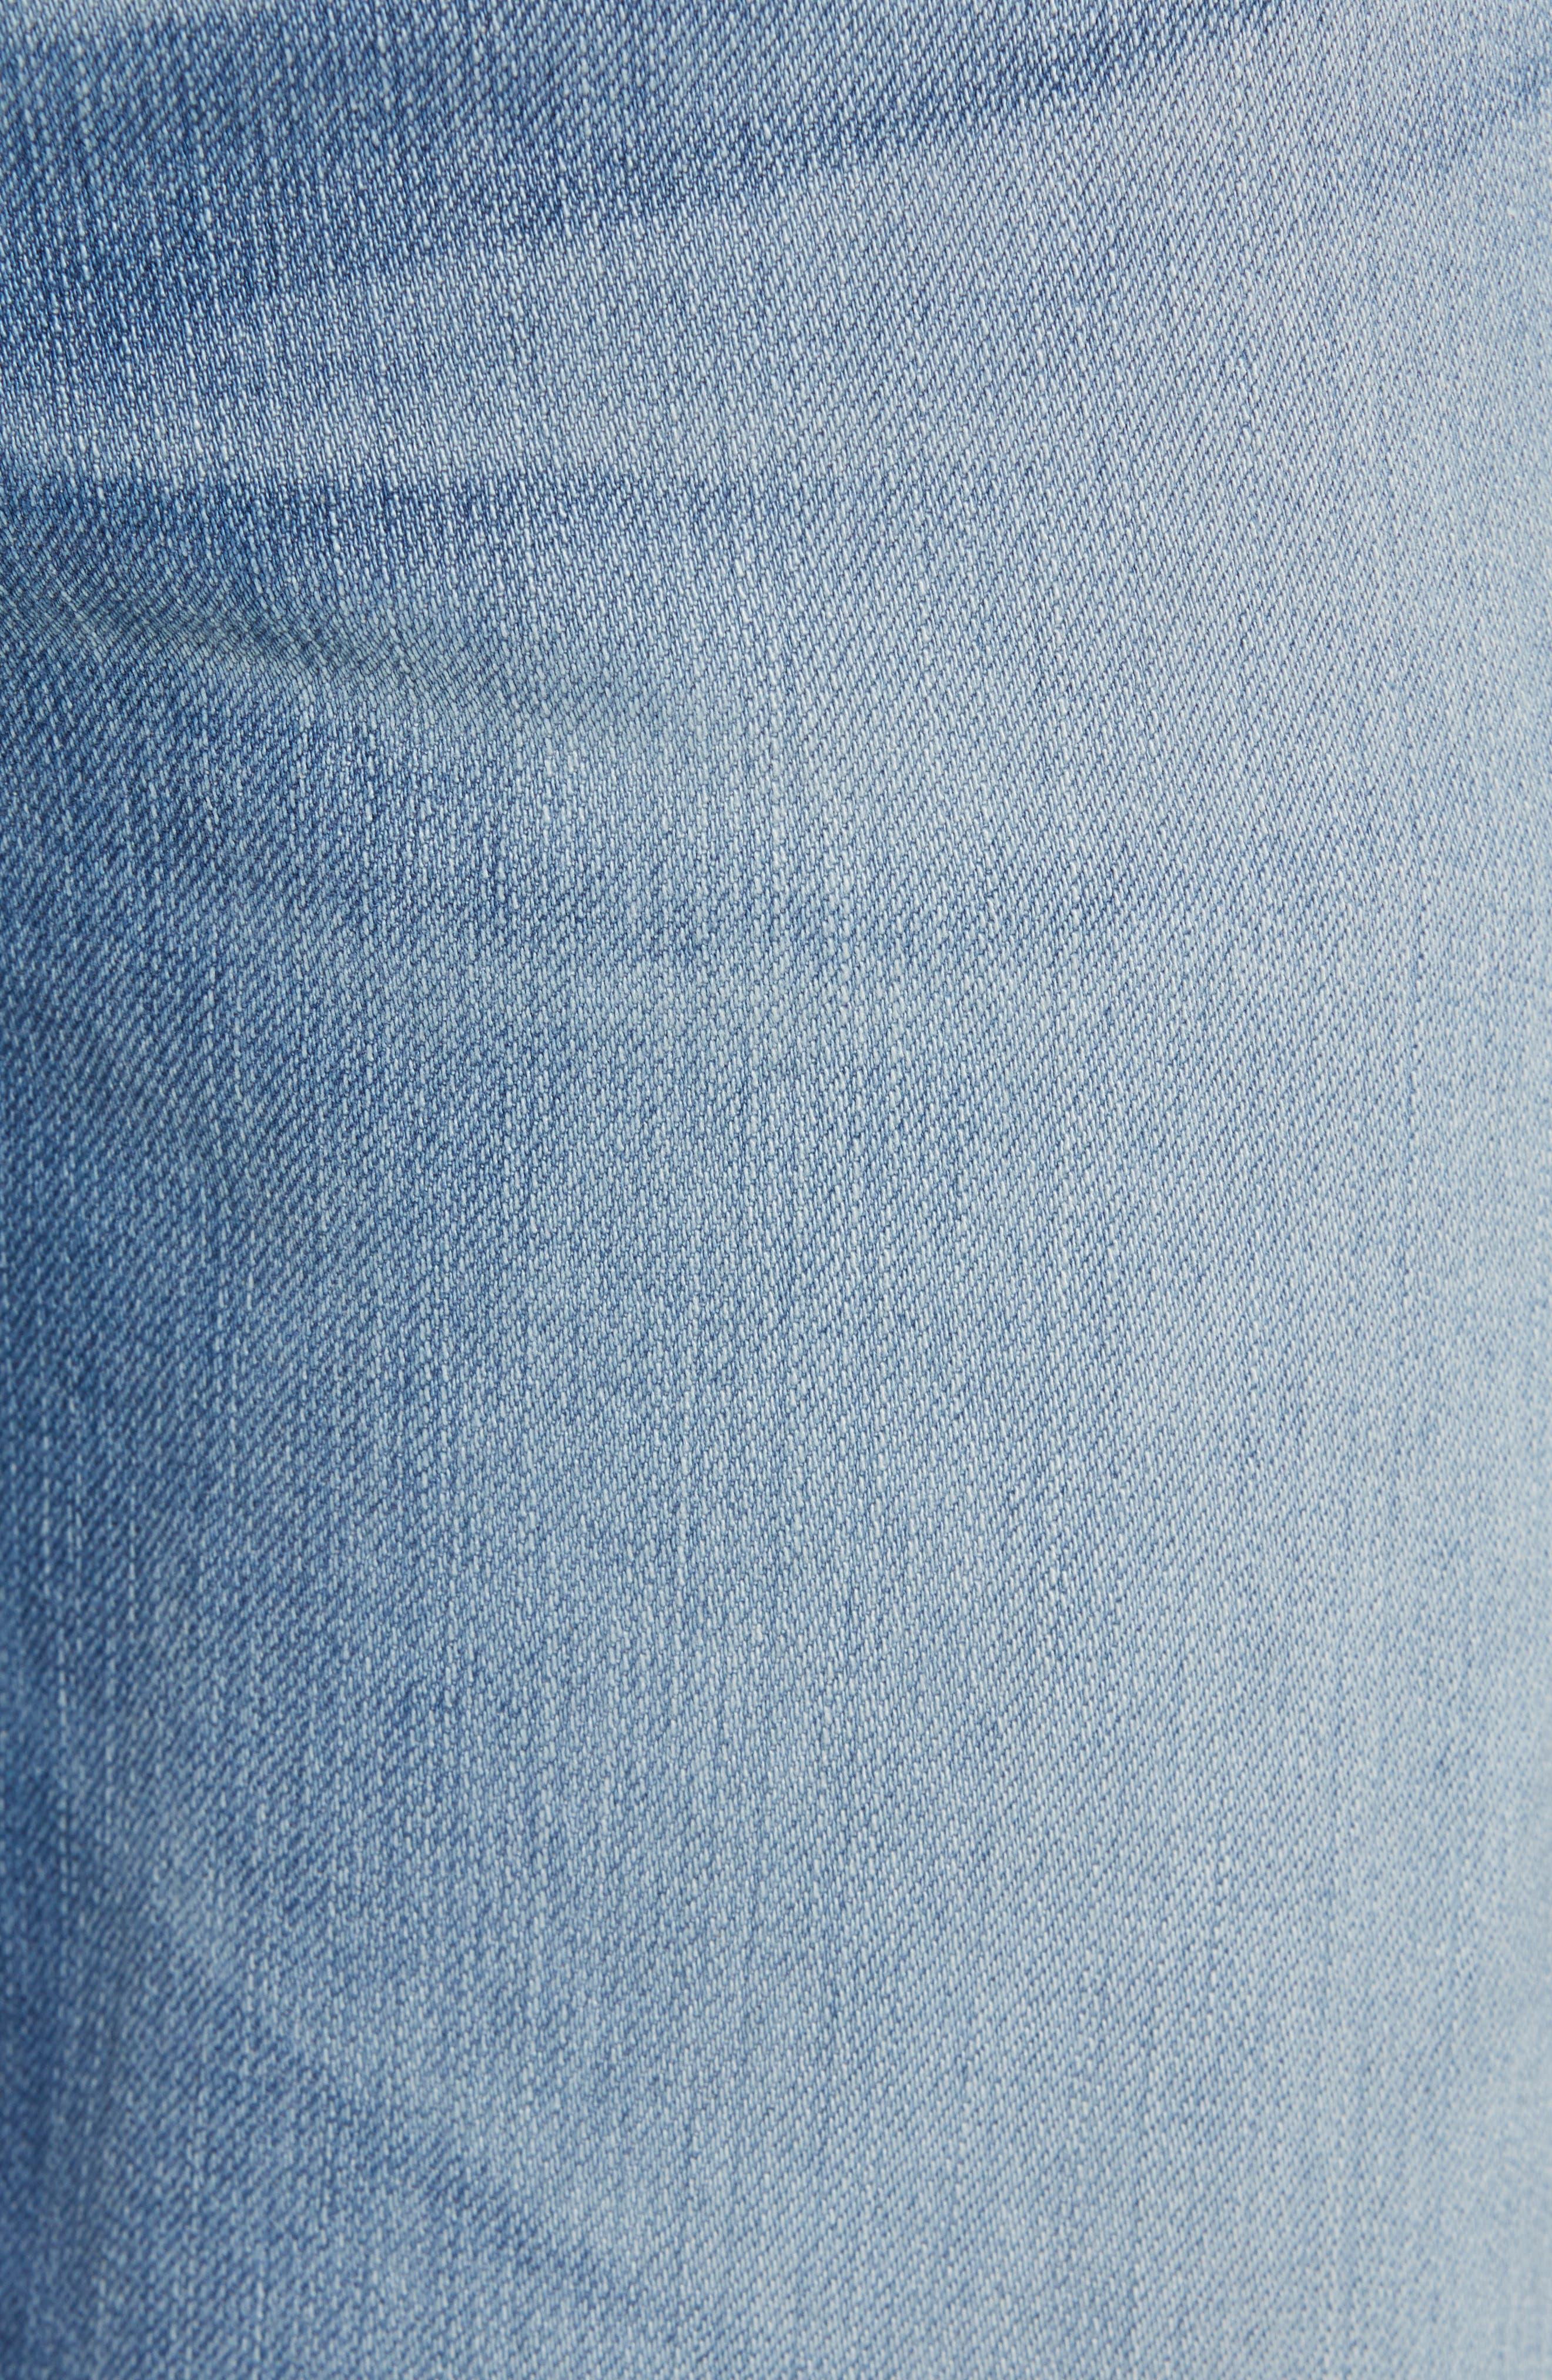 Everett Slim Straight Leg Jeans,                             Alternate thumbnail 4, color,                             Merchant